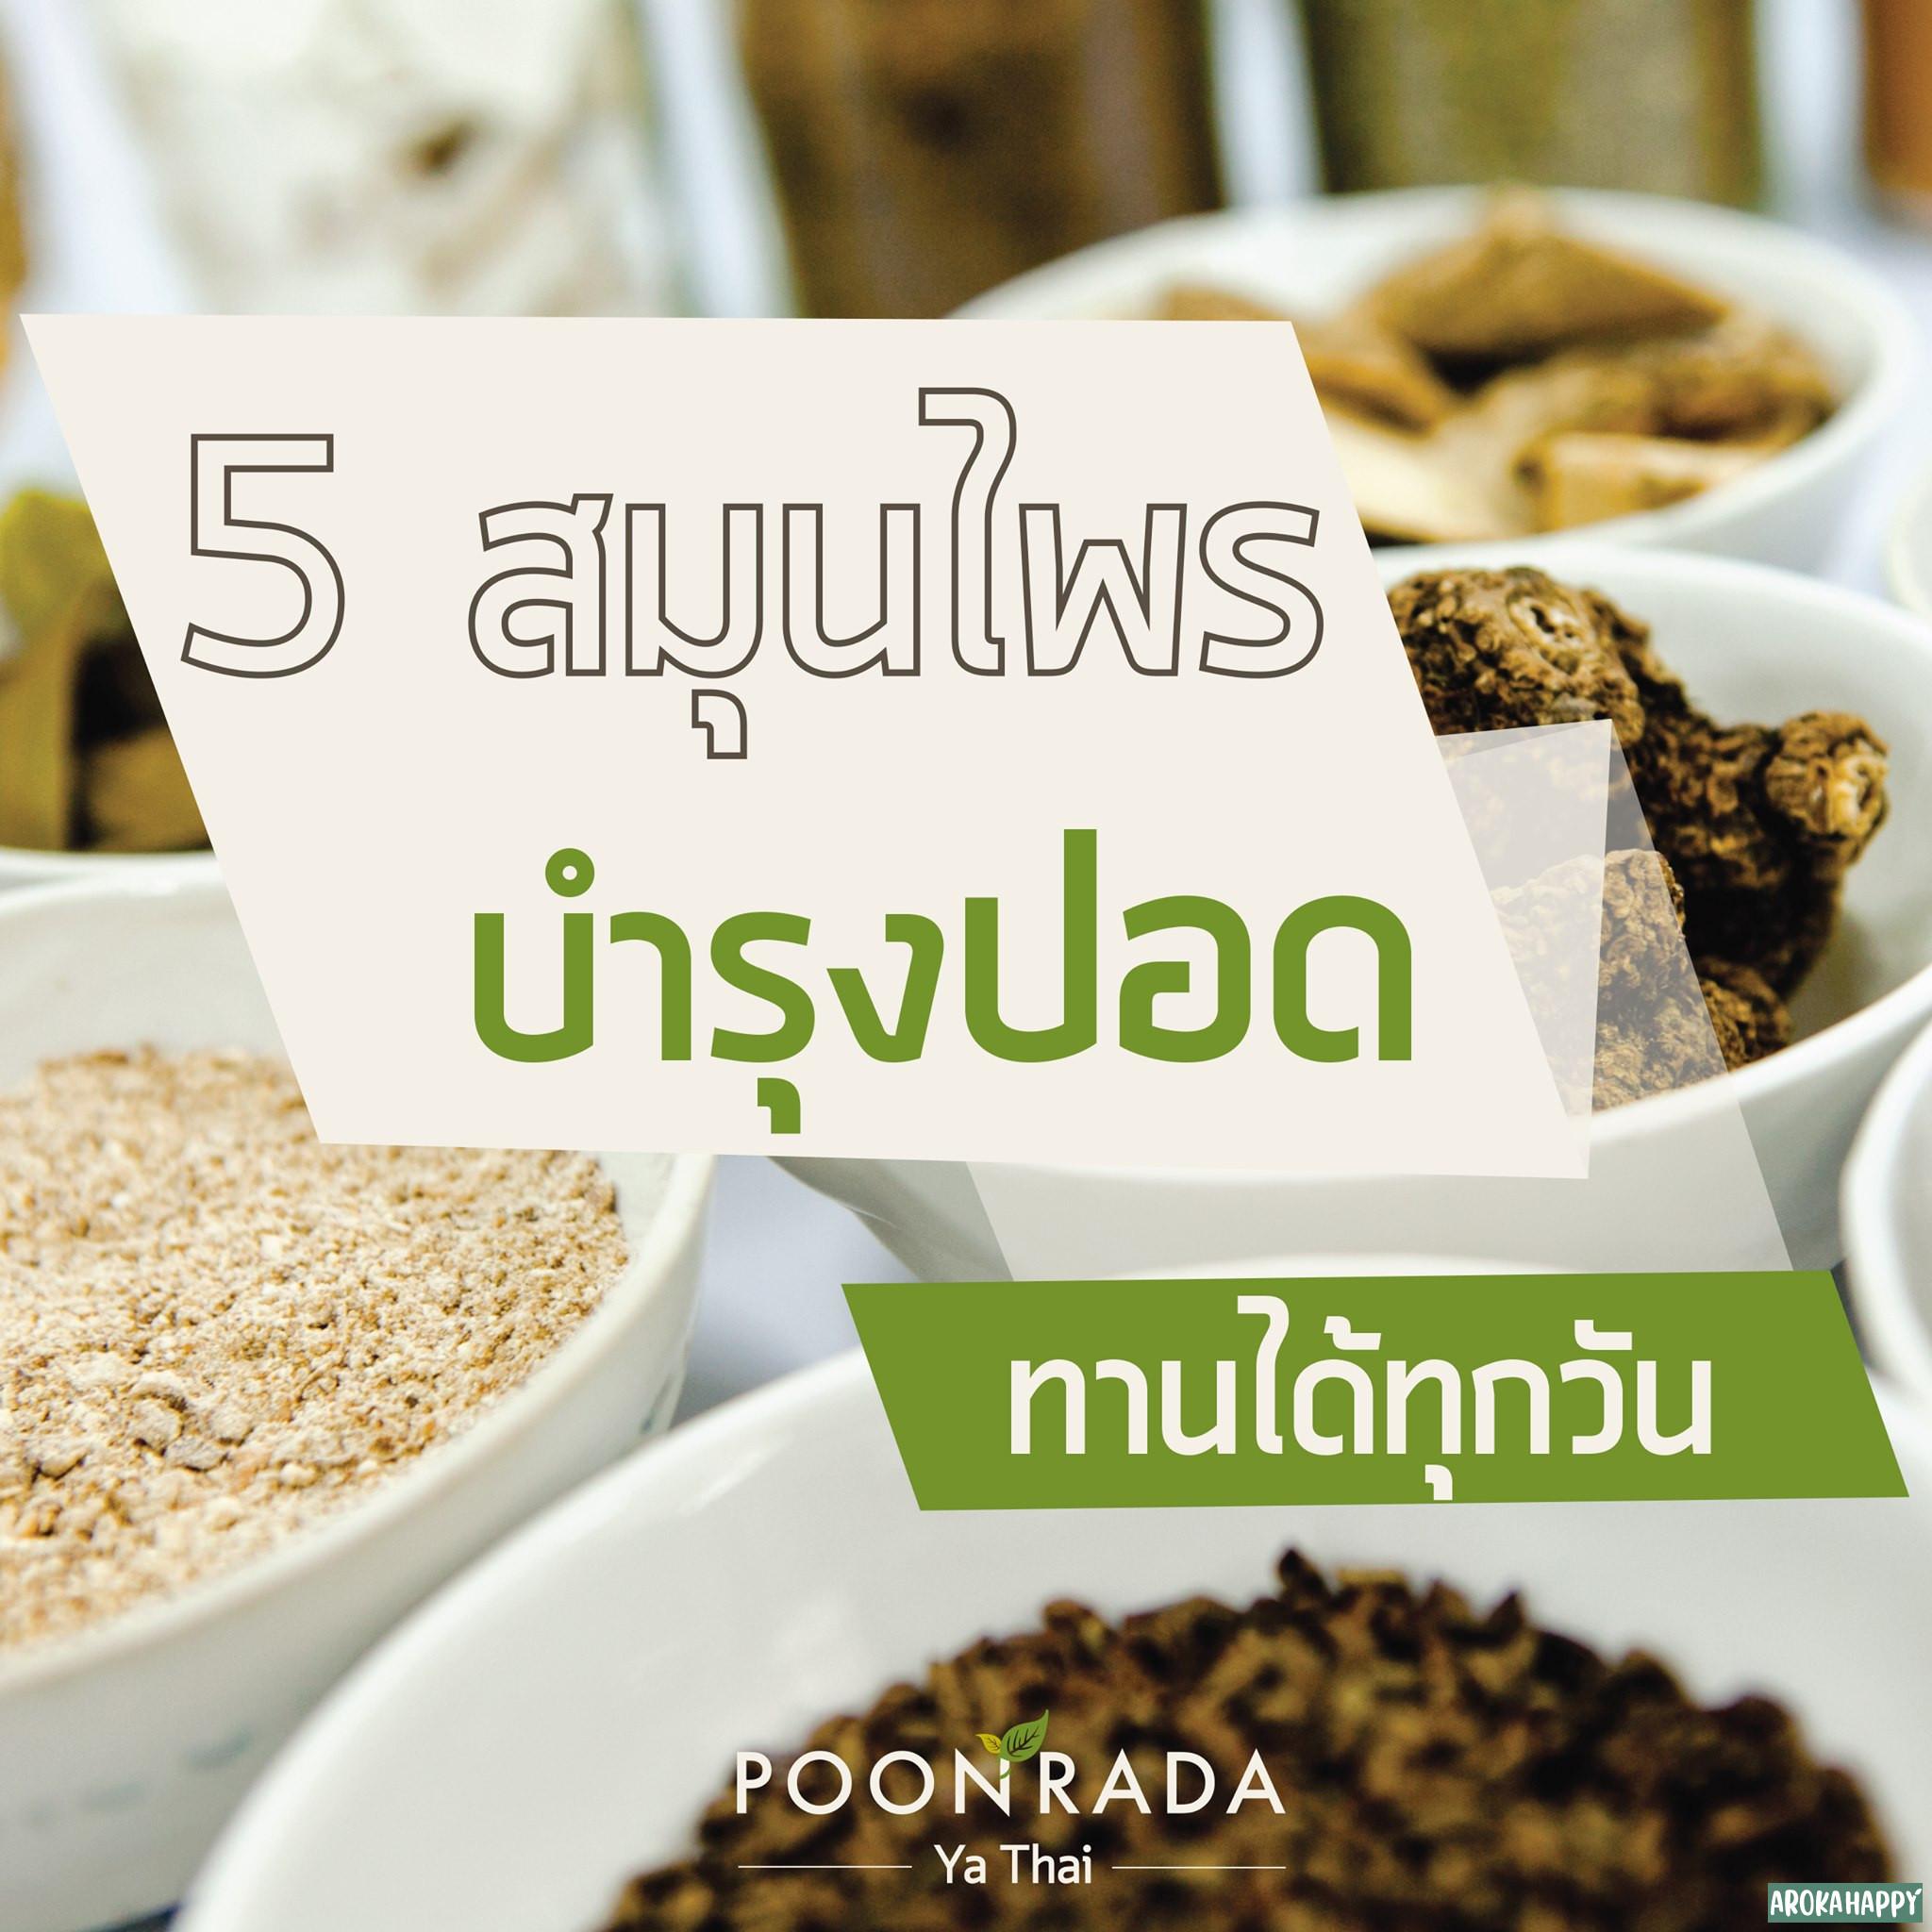 5 สมุนไพรบำรุงปอด ทานได้ทุกวัน